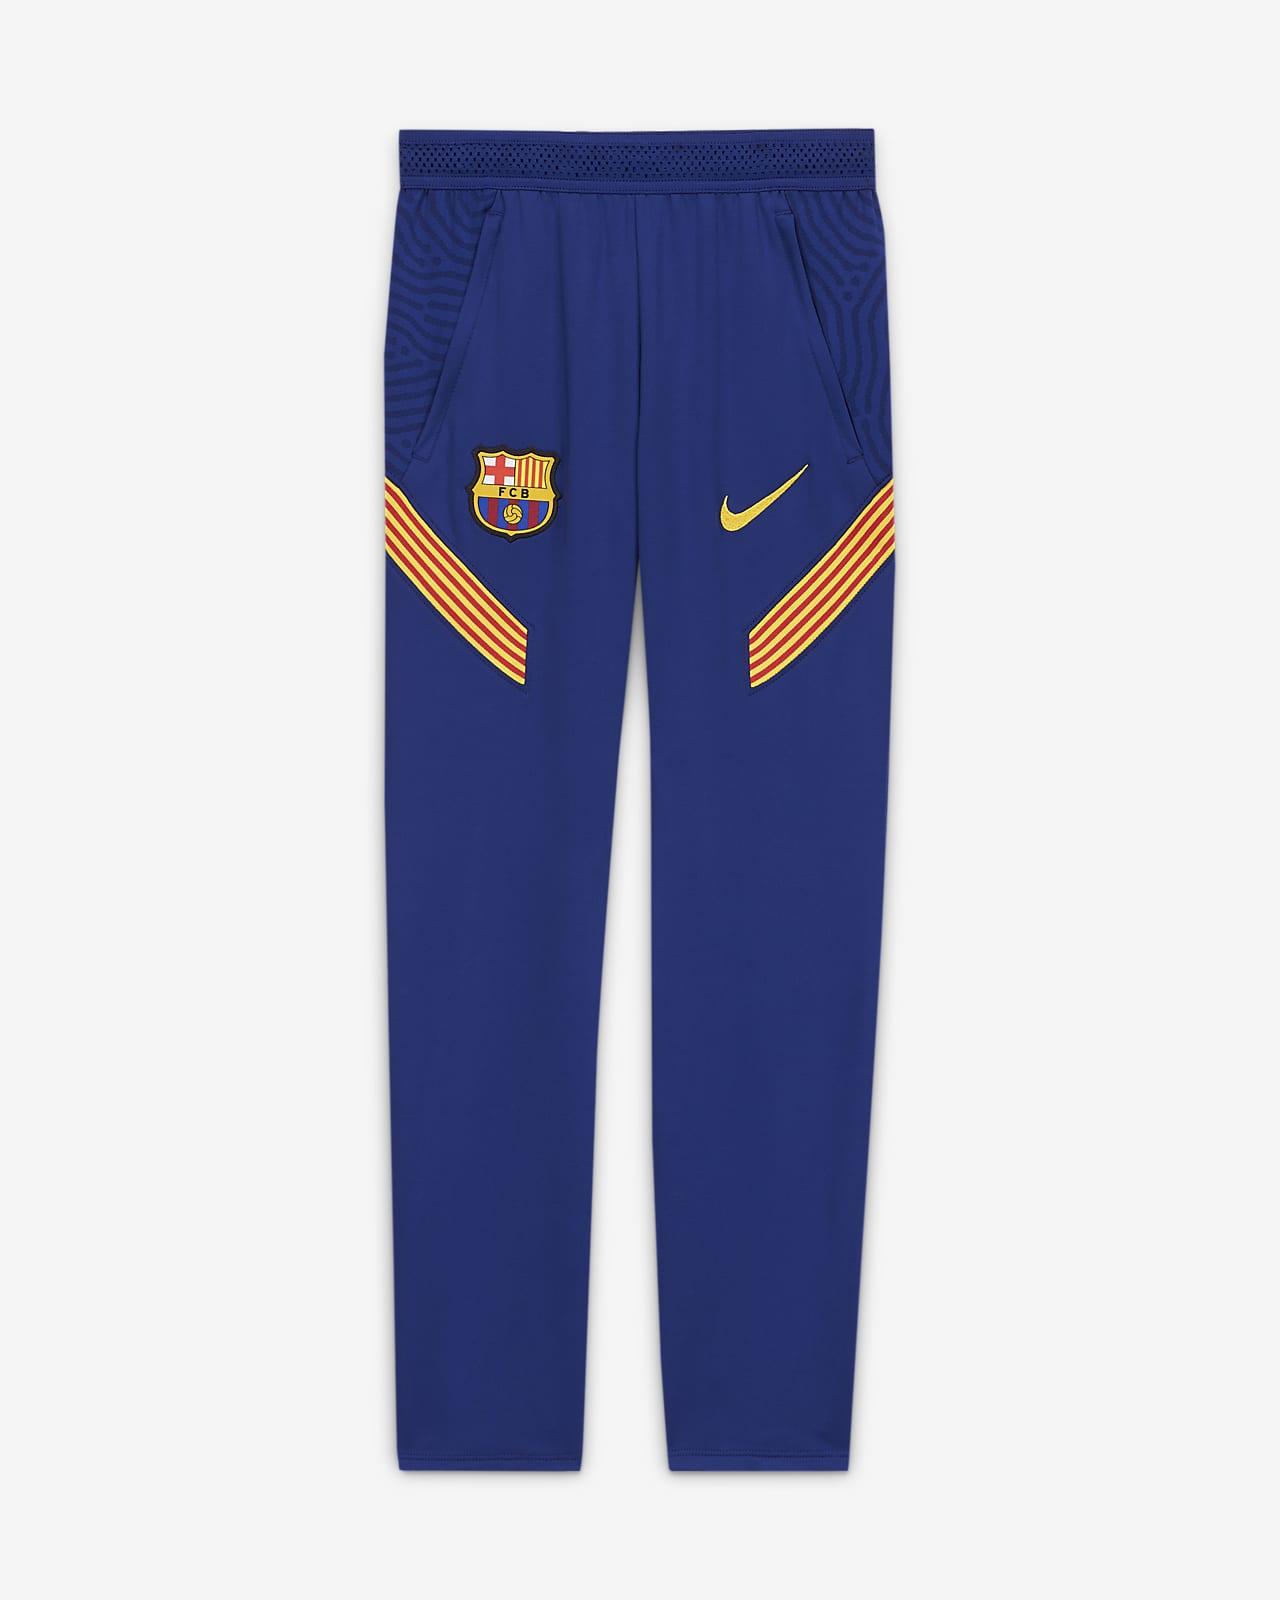 Pantalones de fútbol para niños talla grande FC Barcelona Strike